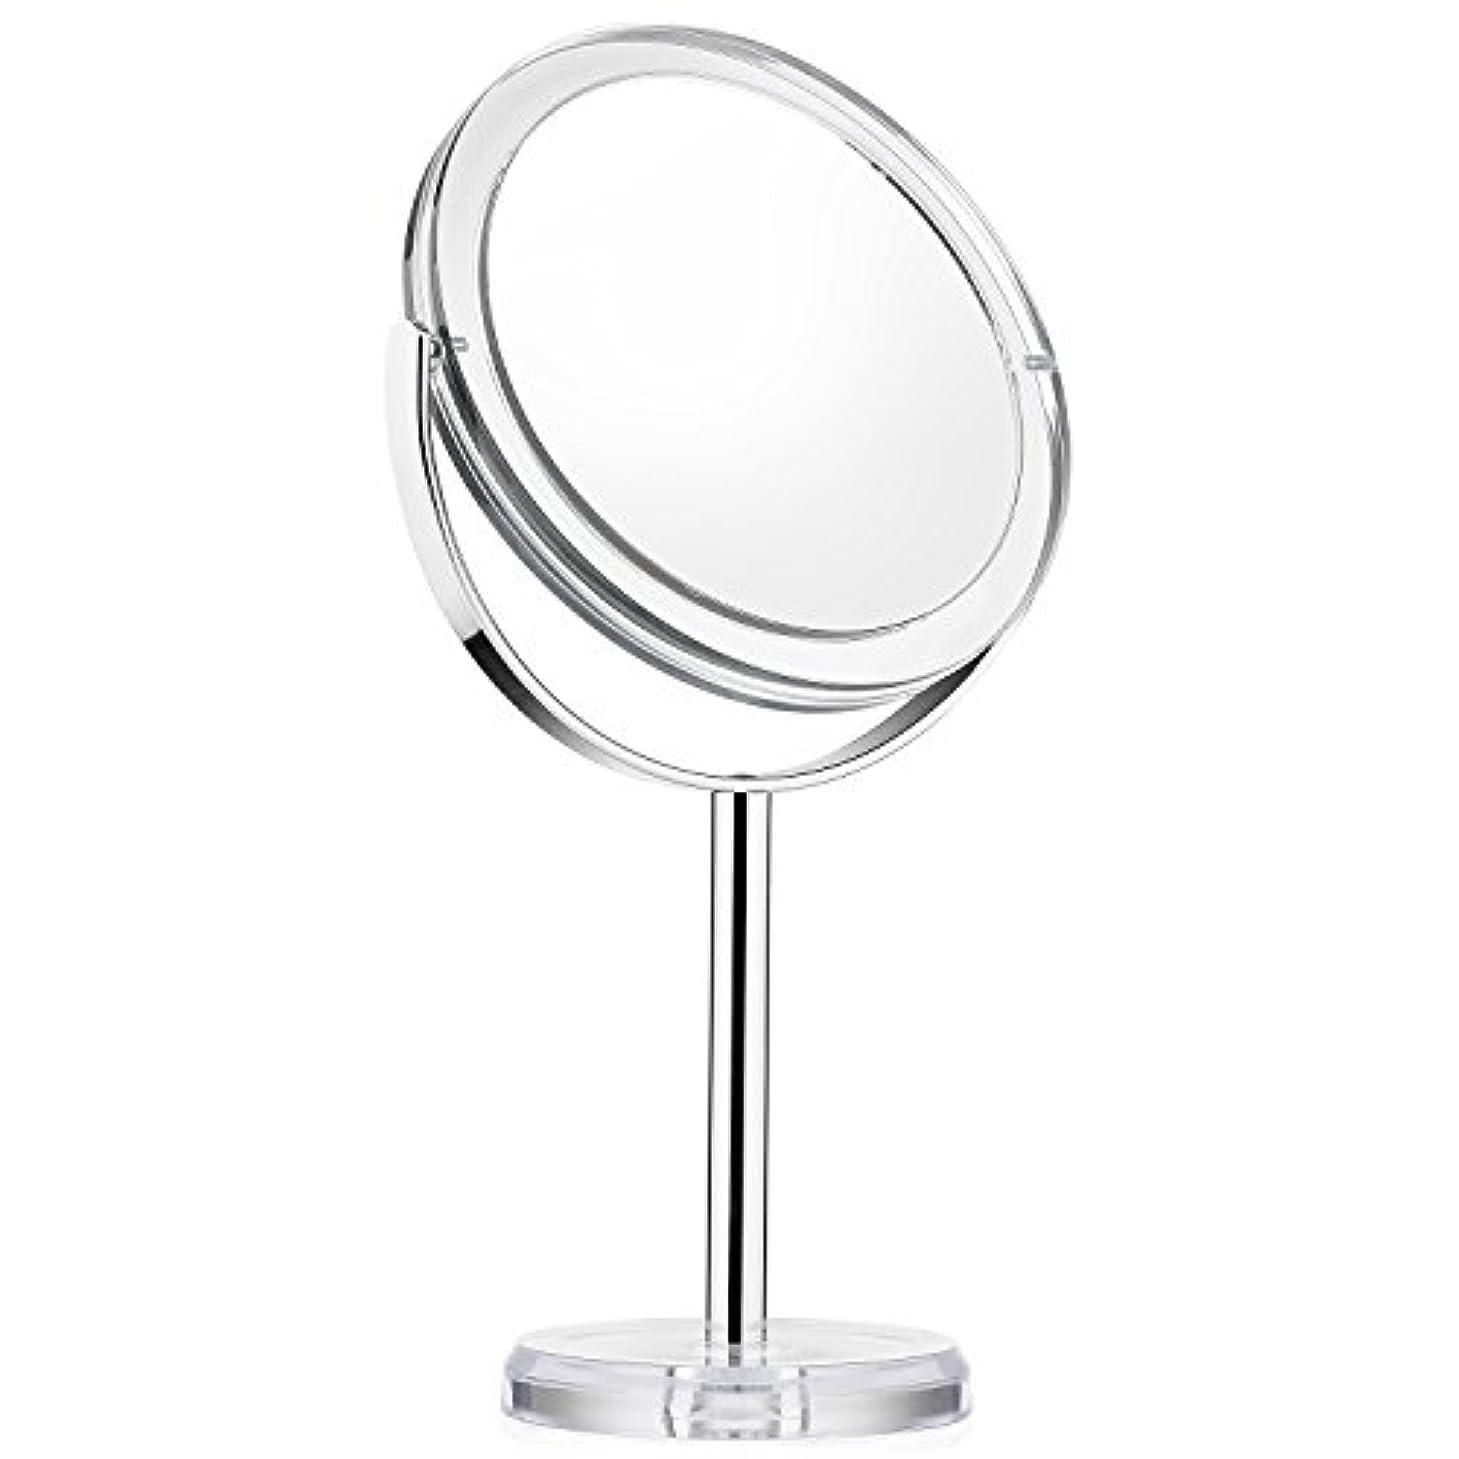 一回人差し指ホバート化粧ミラー Beautifive 鏡 卓上 化粧鏡 メイクミラー 卓上ミラー スタンドミラー卓上 等倍卓上両面鏡 卓上鏡 7倍拡大スタンドミラー 360°回転可 光学レズン高解像度